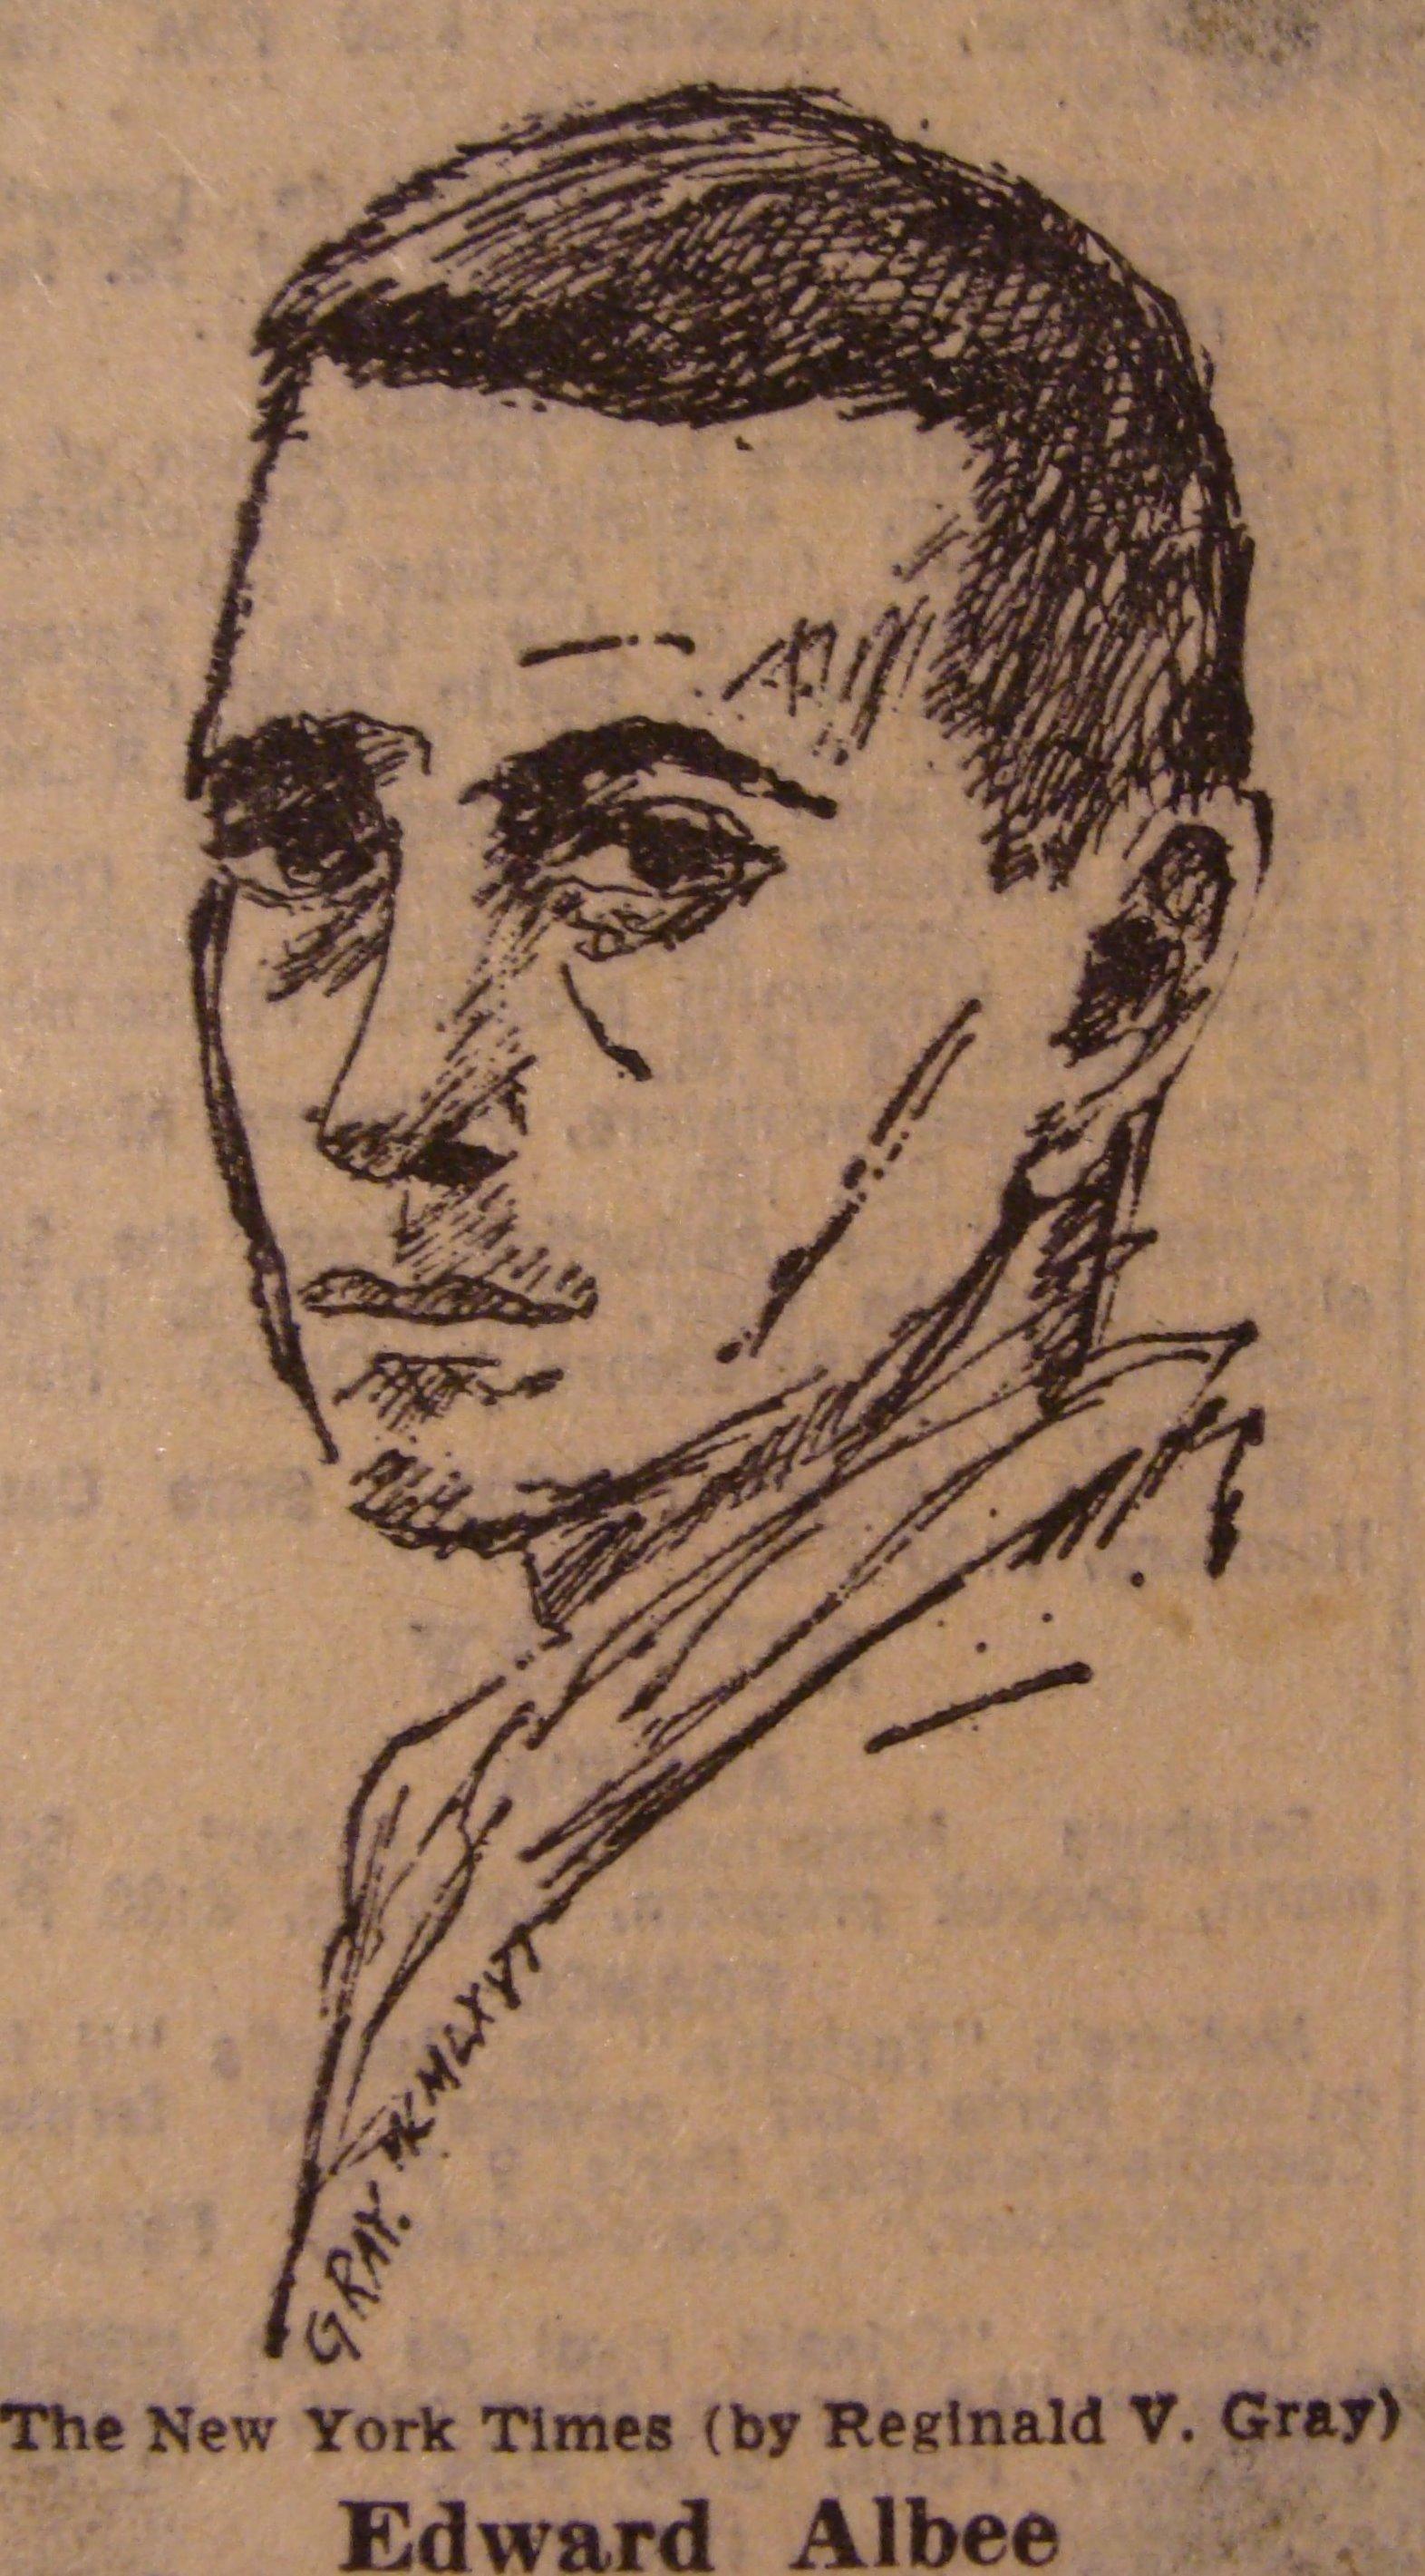 Edward Albee Society